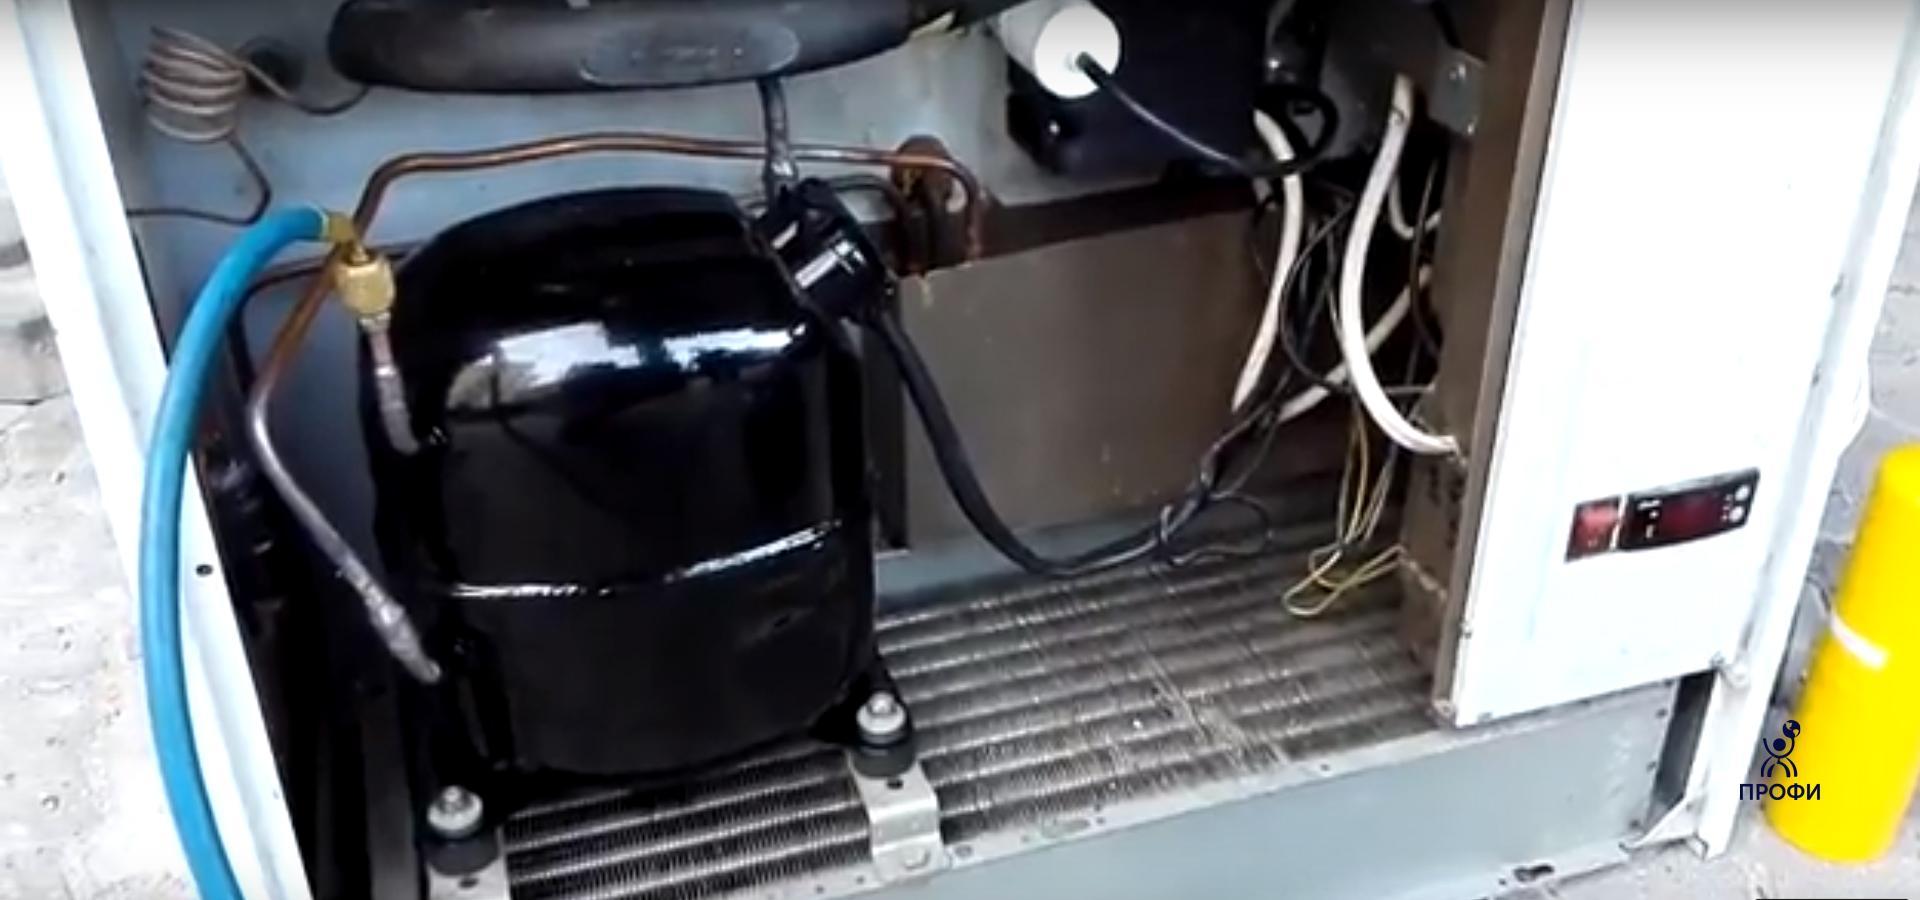 обучение механик по ремонту холодильного оборудования